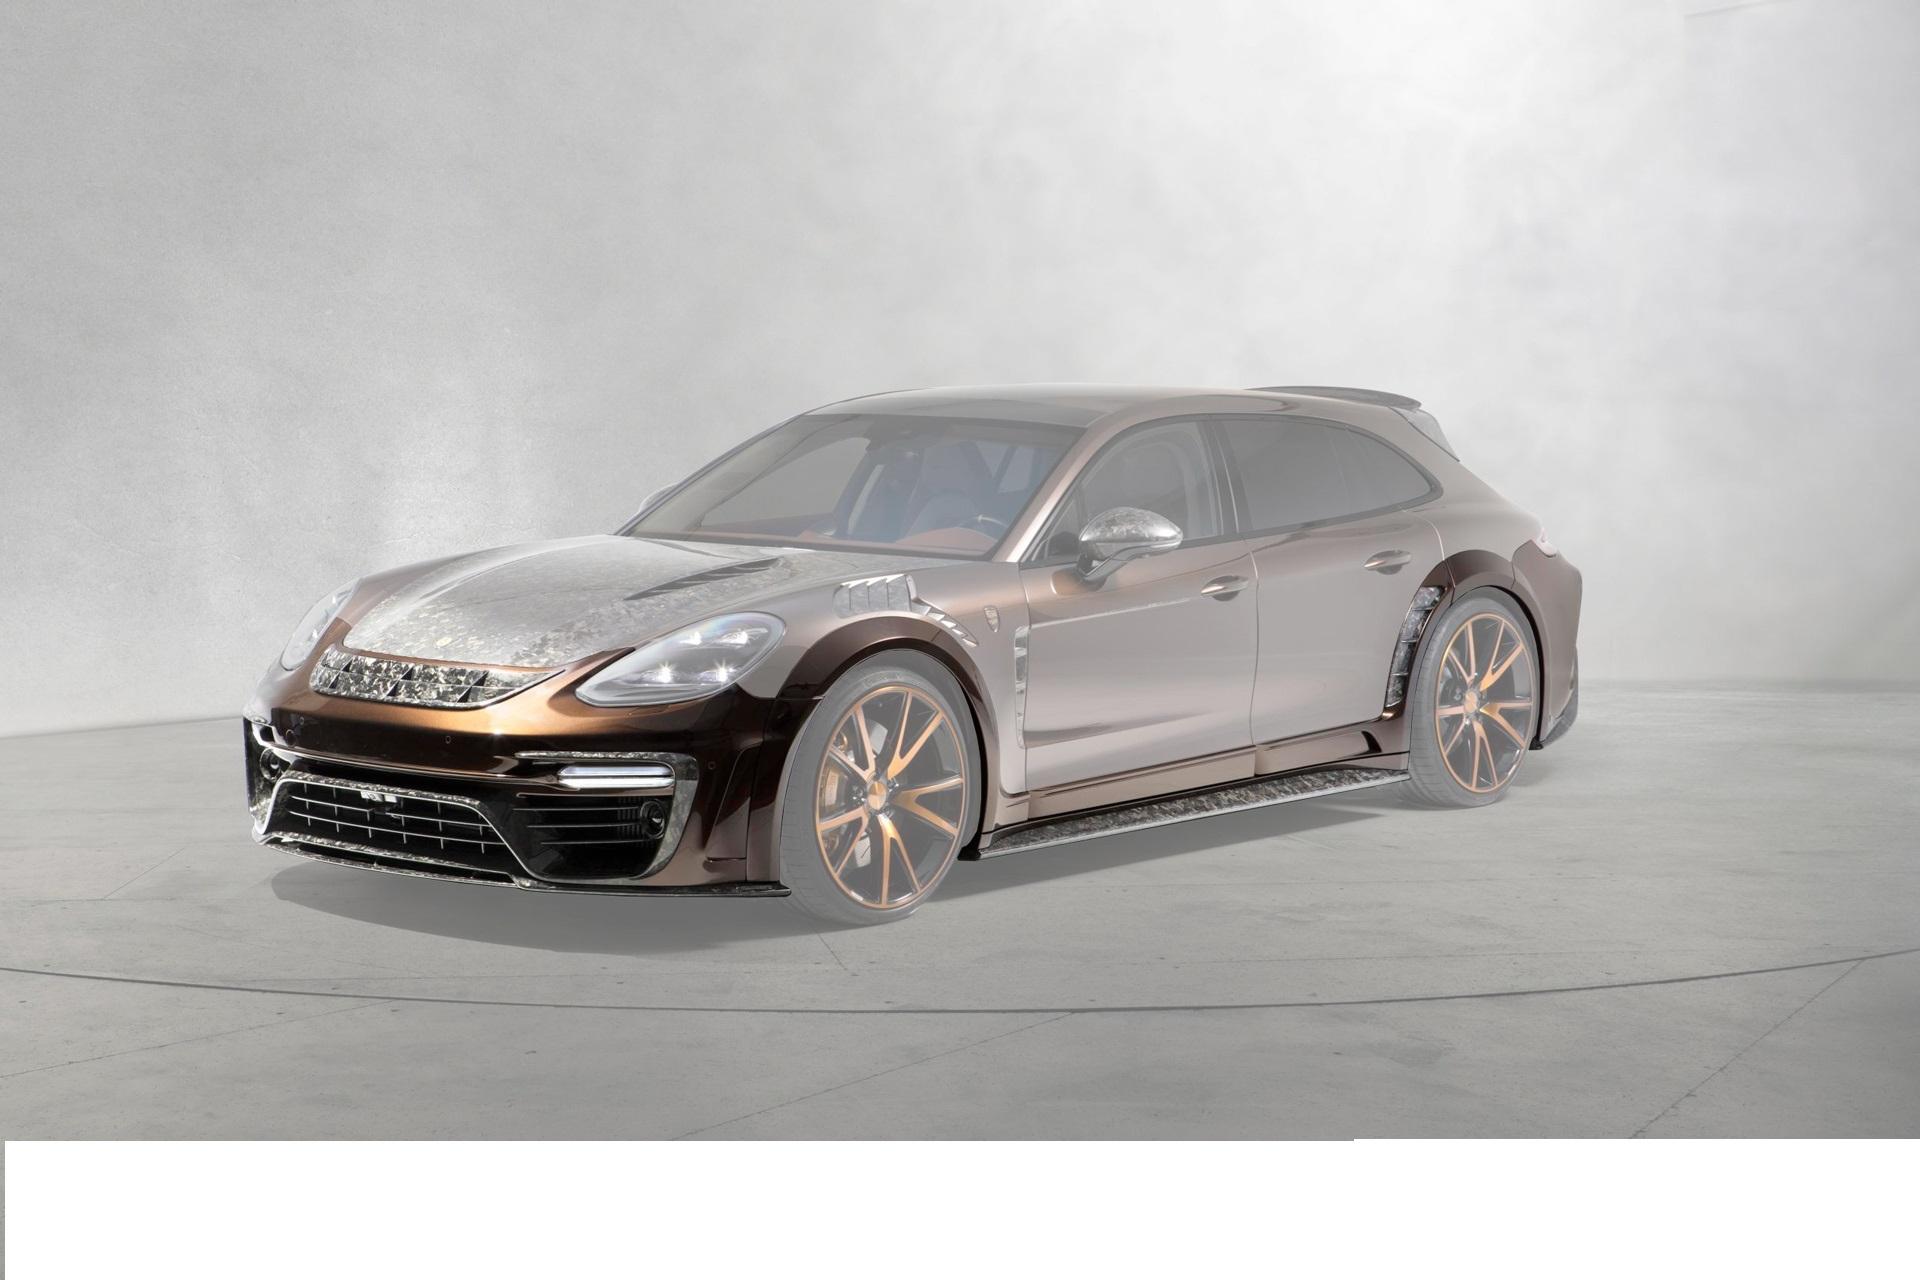 Карбоновый широкий обвес (без/с радаром) Mansory Style для Porsche Panamera